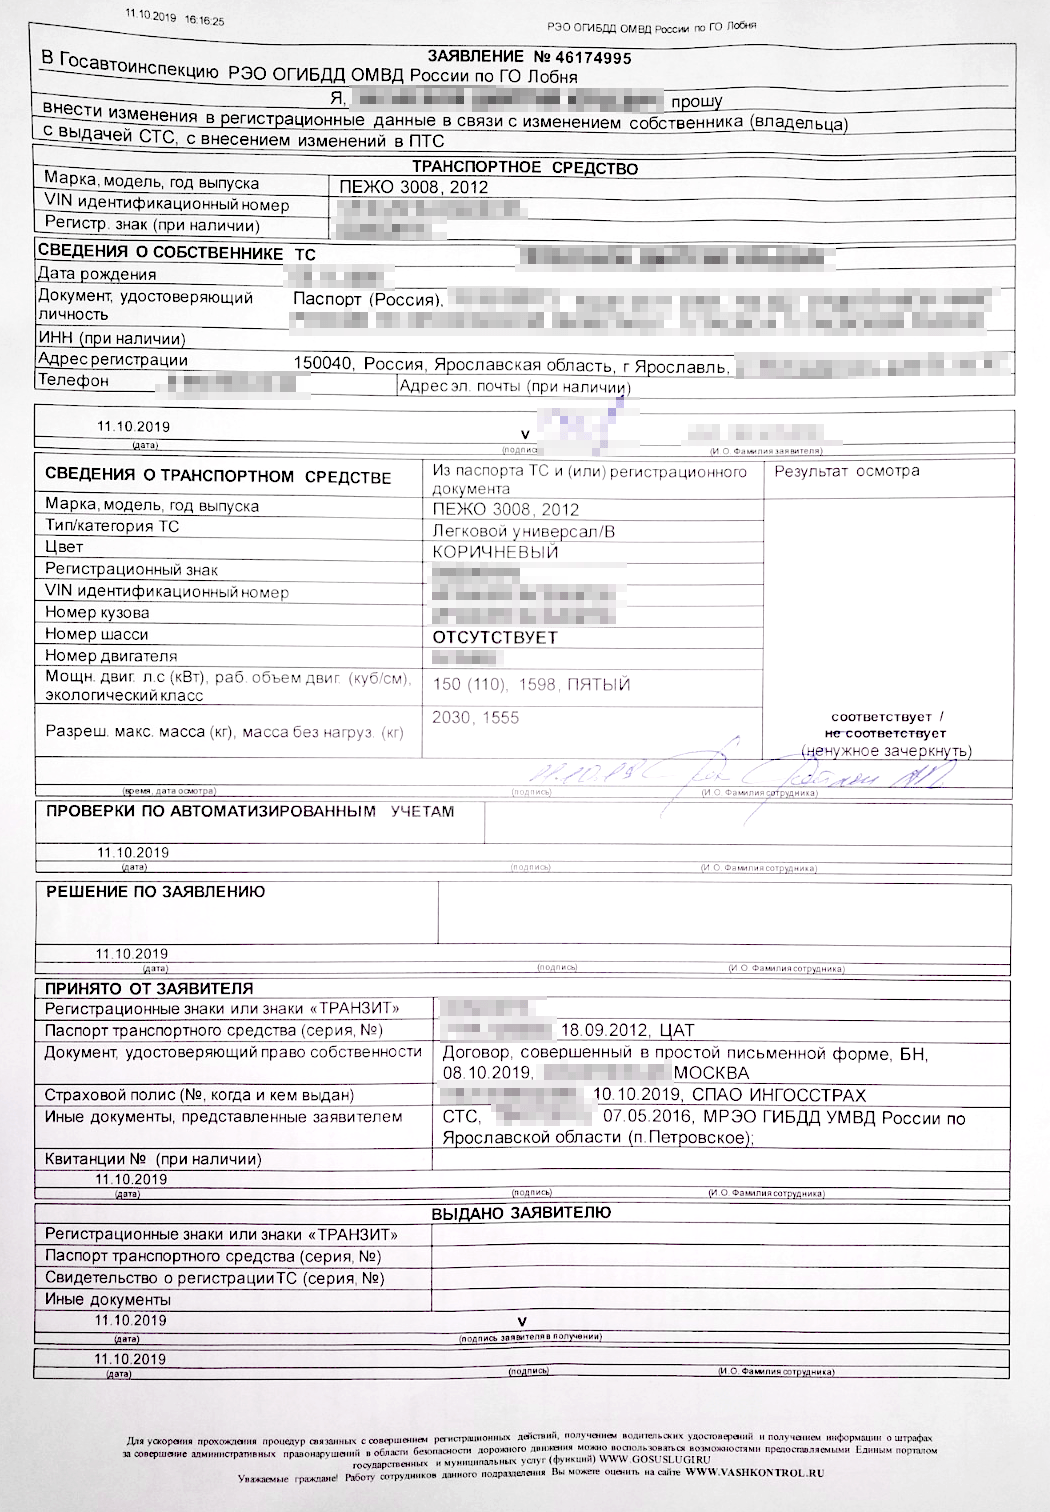 В дополнении к заявлению есть вся информация о проверках автомобиля в ГИБДД